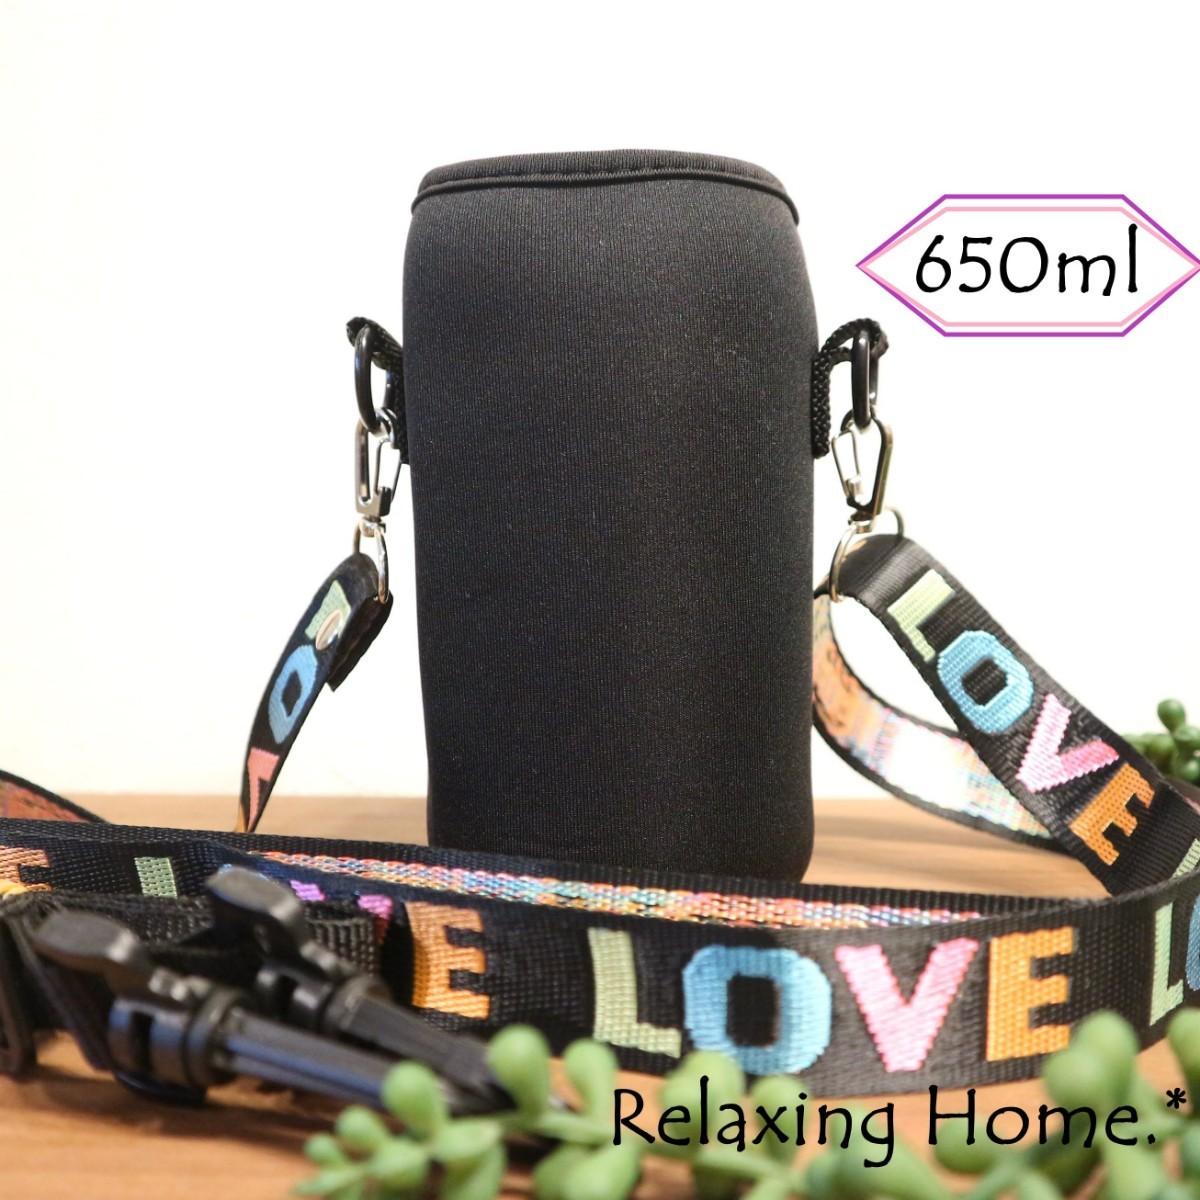 ★ 水筒カバー★~650ml 水筒ケース ボトルカバー ショルダー 黒+LOVE